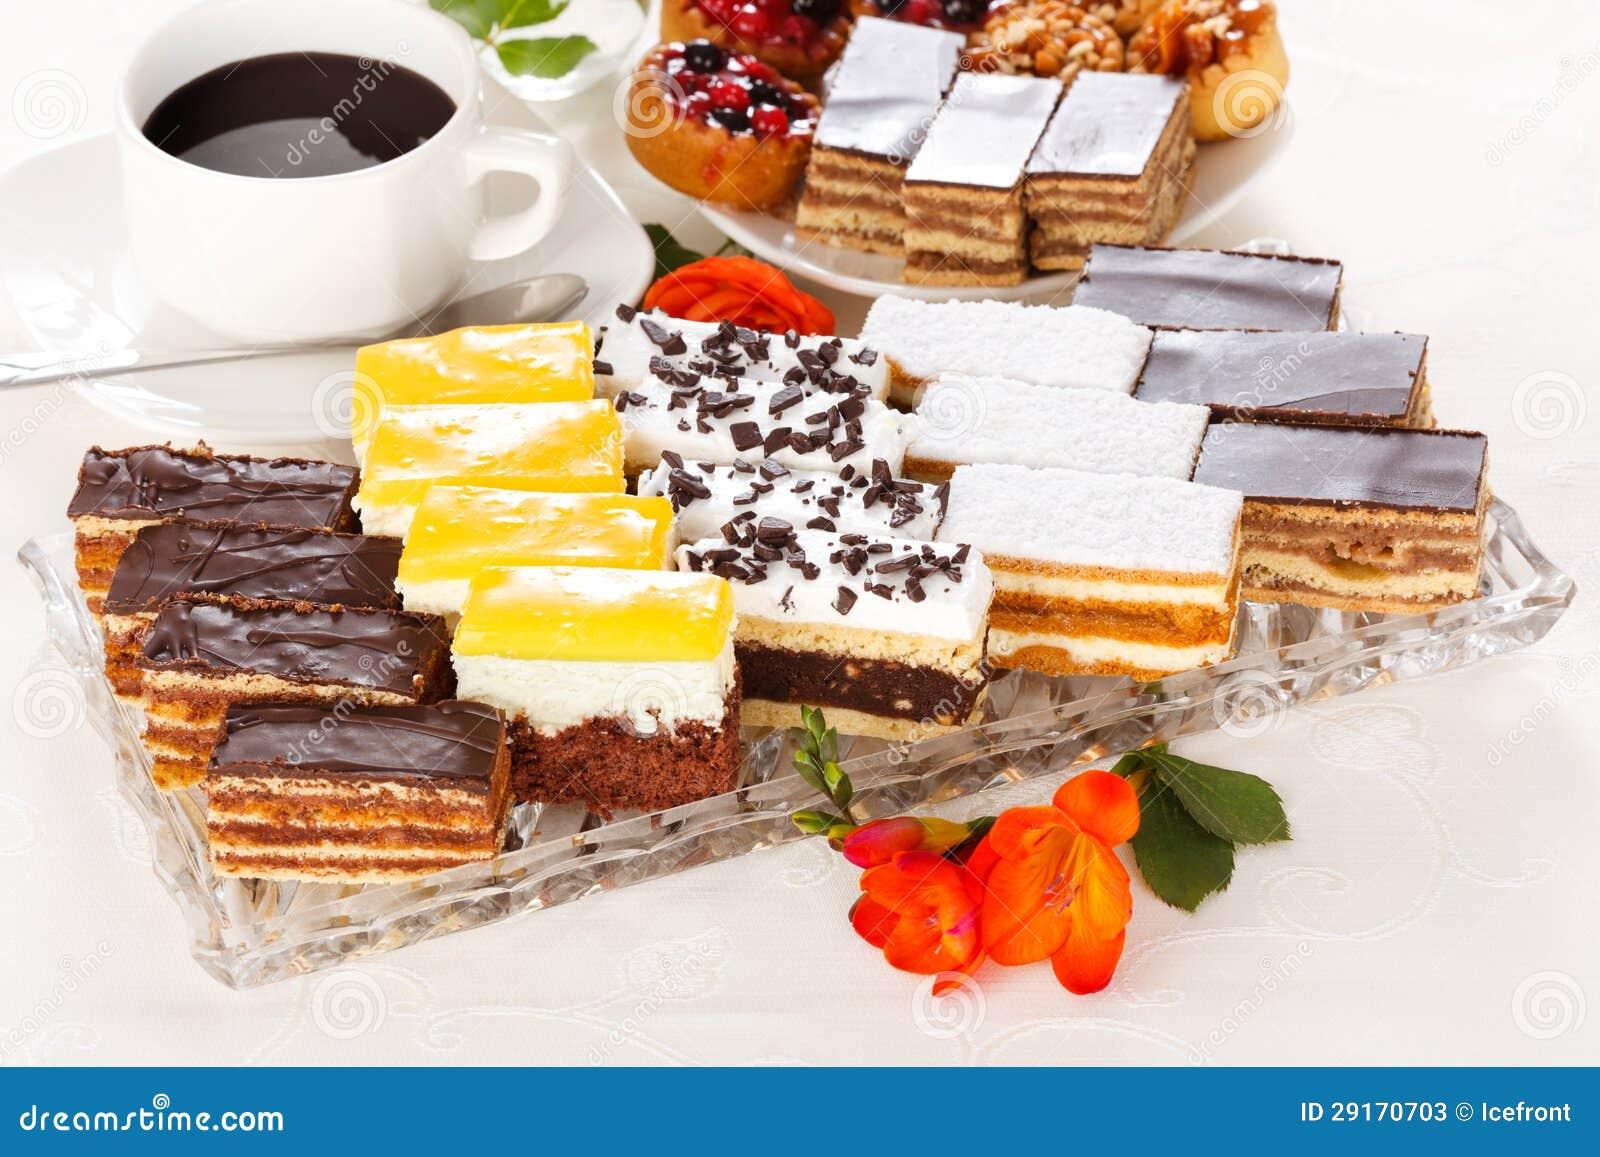 Διάφορα γλυκά κέικ στο στενόμακρο πιάτο